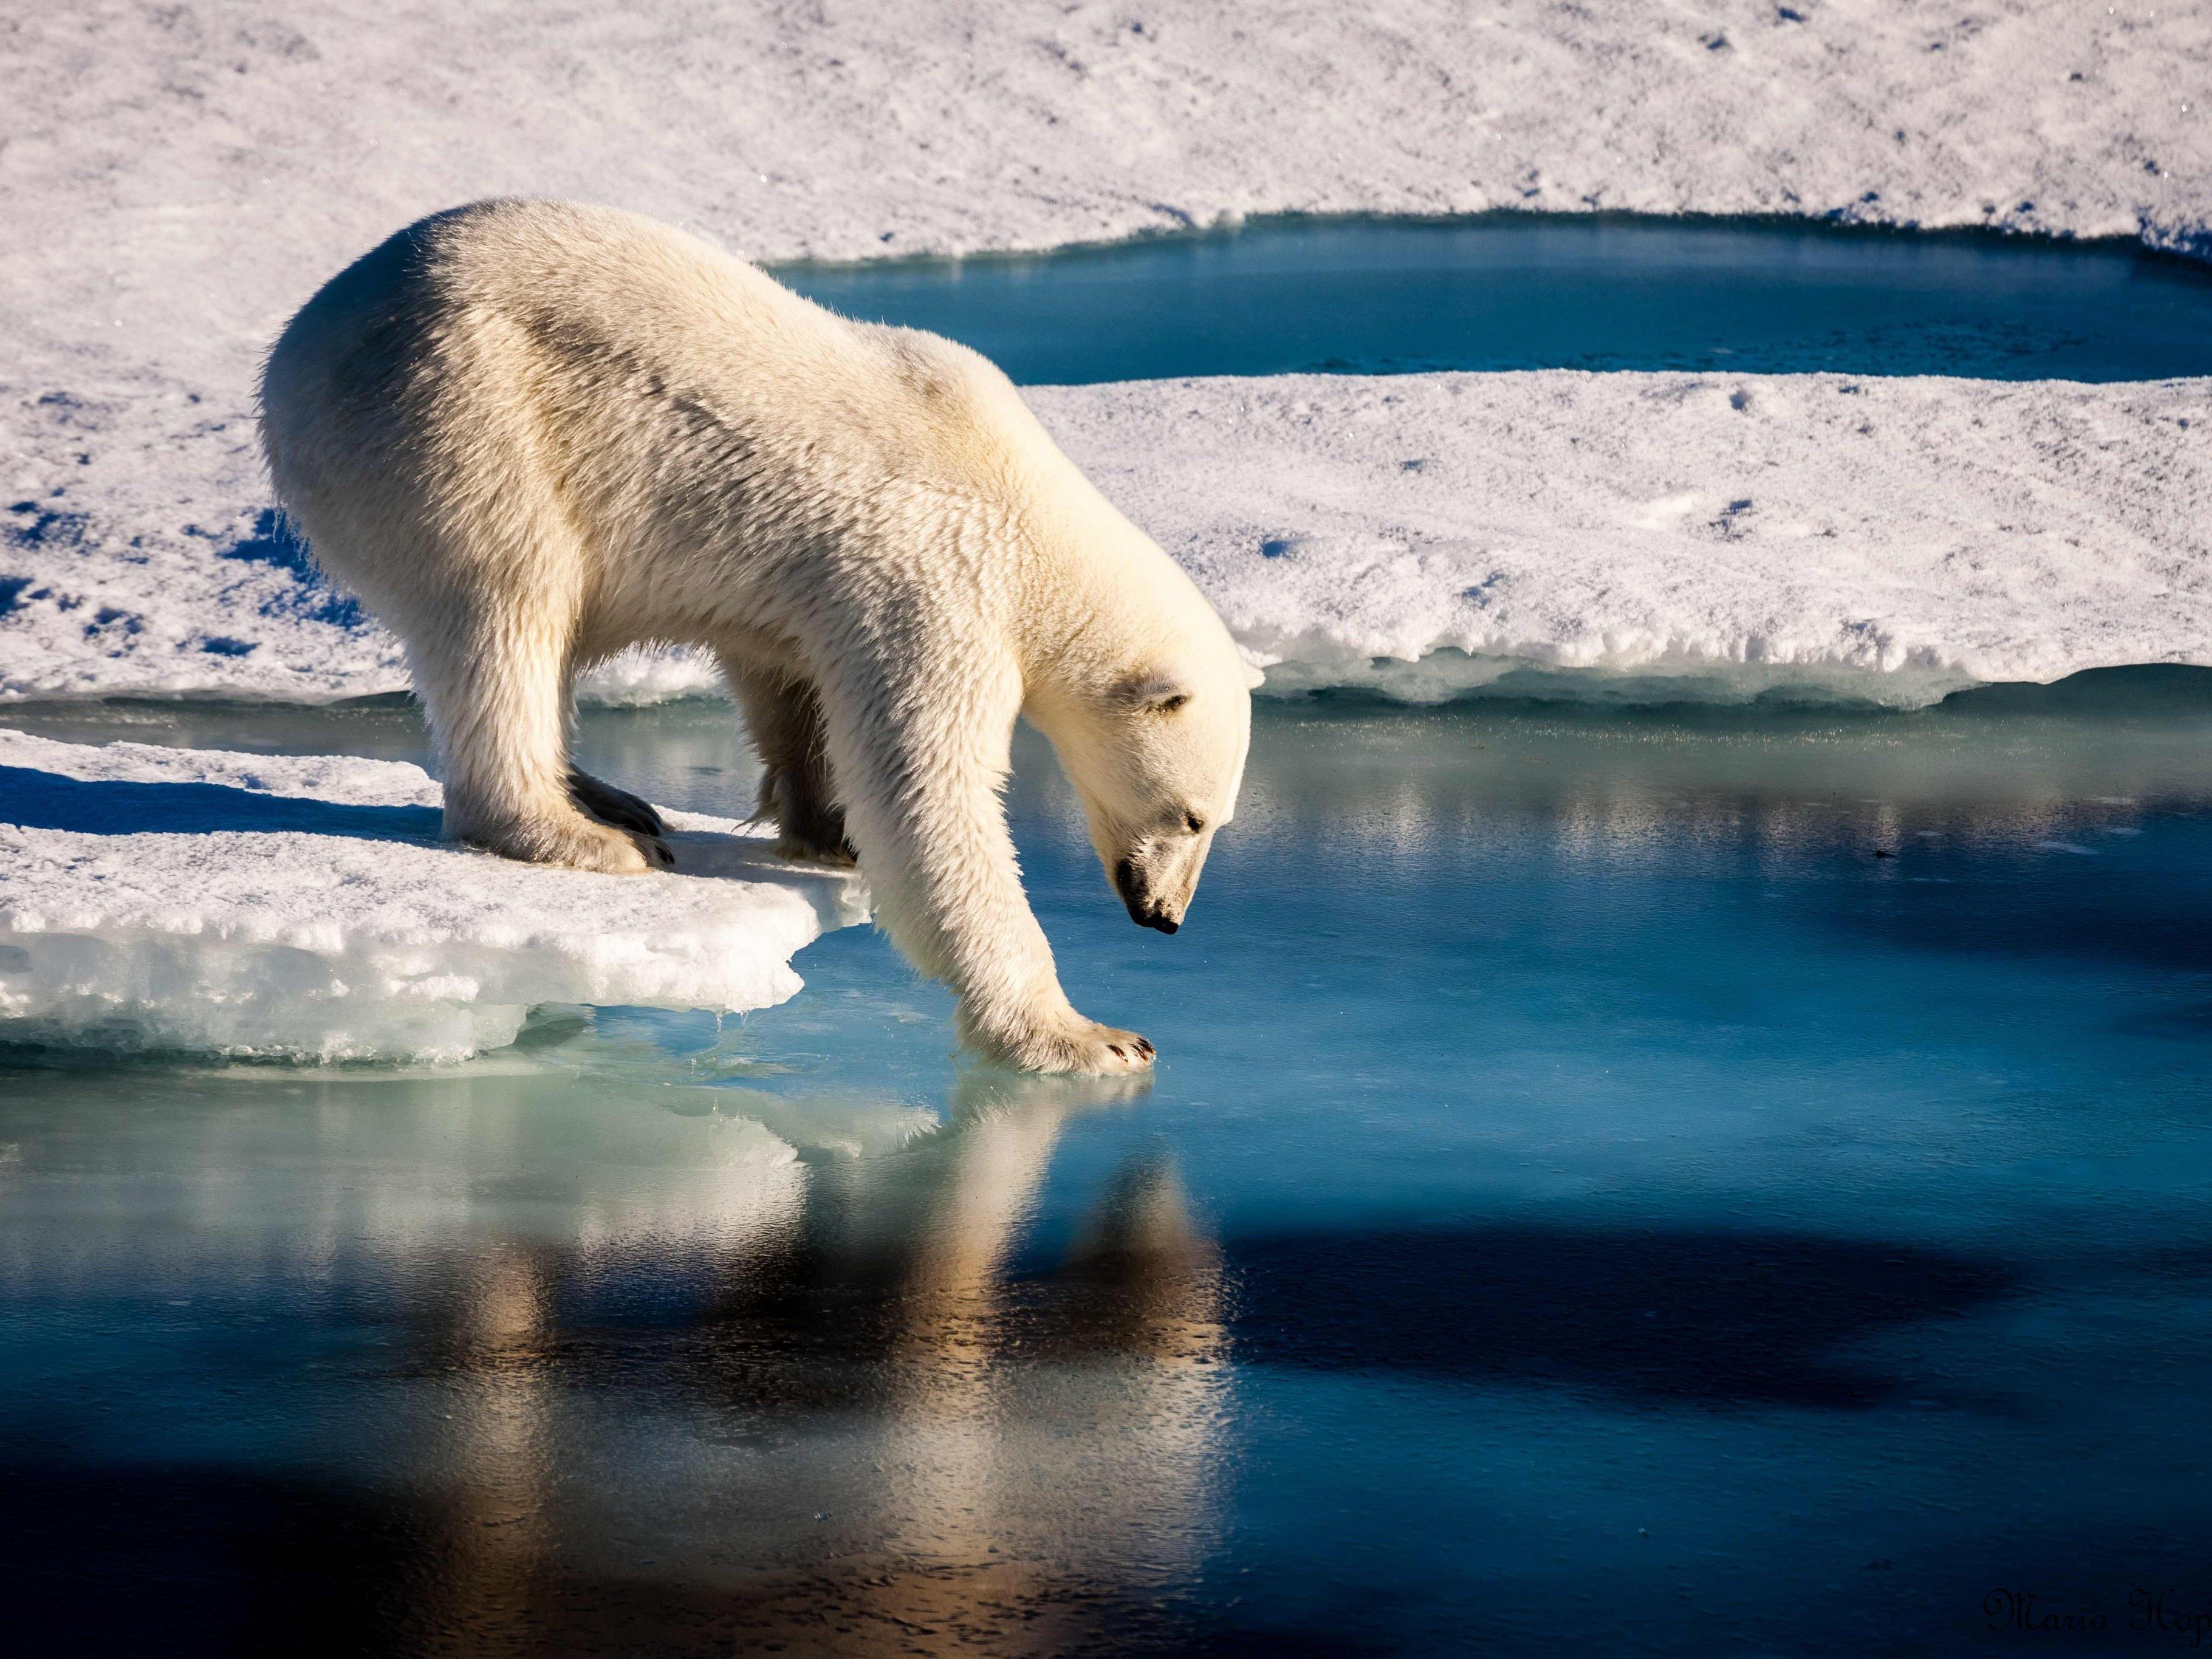 Durch den Klimawandel wird auch der Lebensraum einiger Tierarten zerstört.